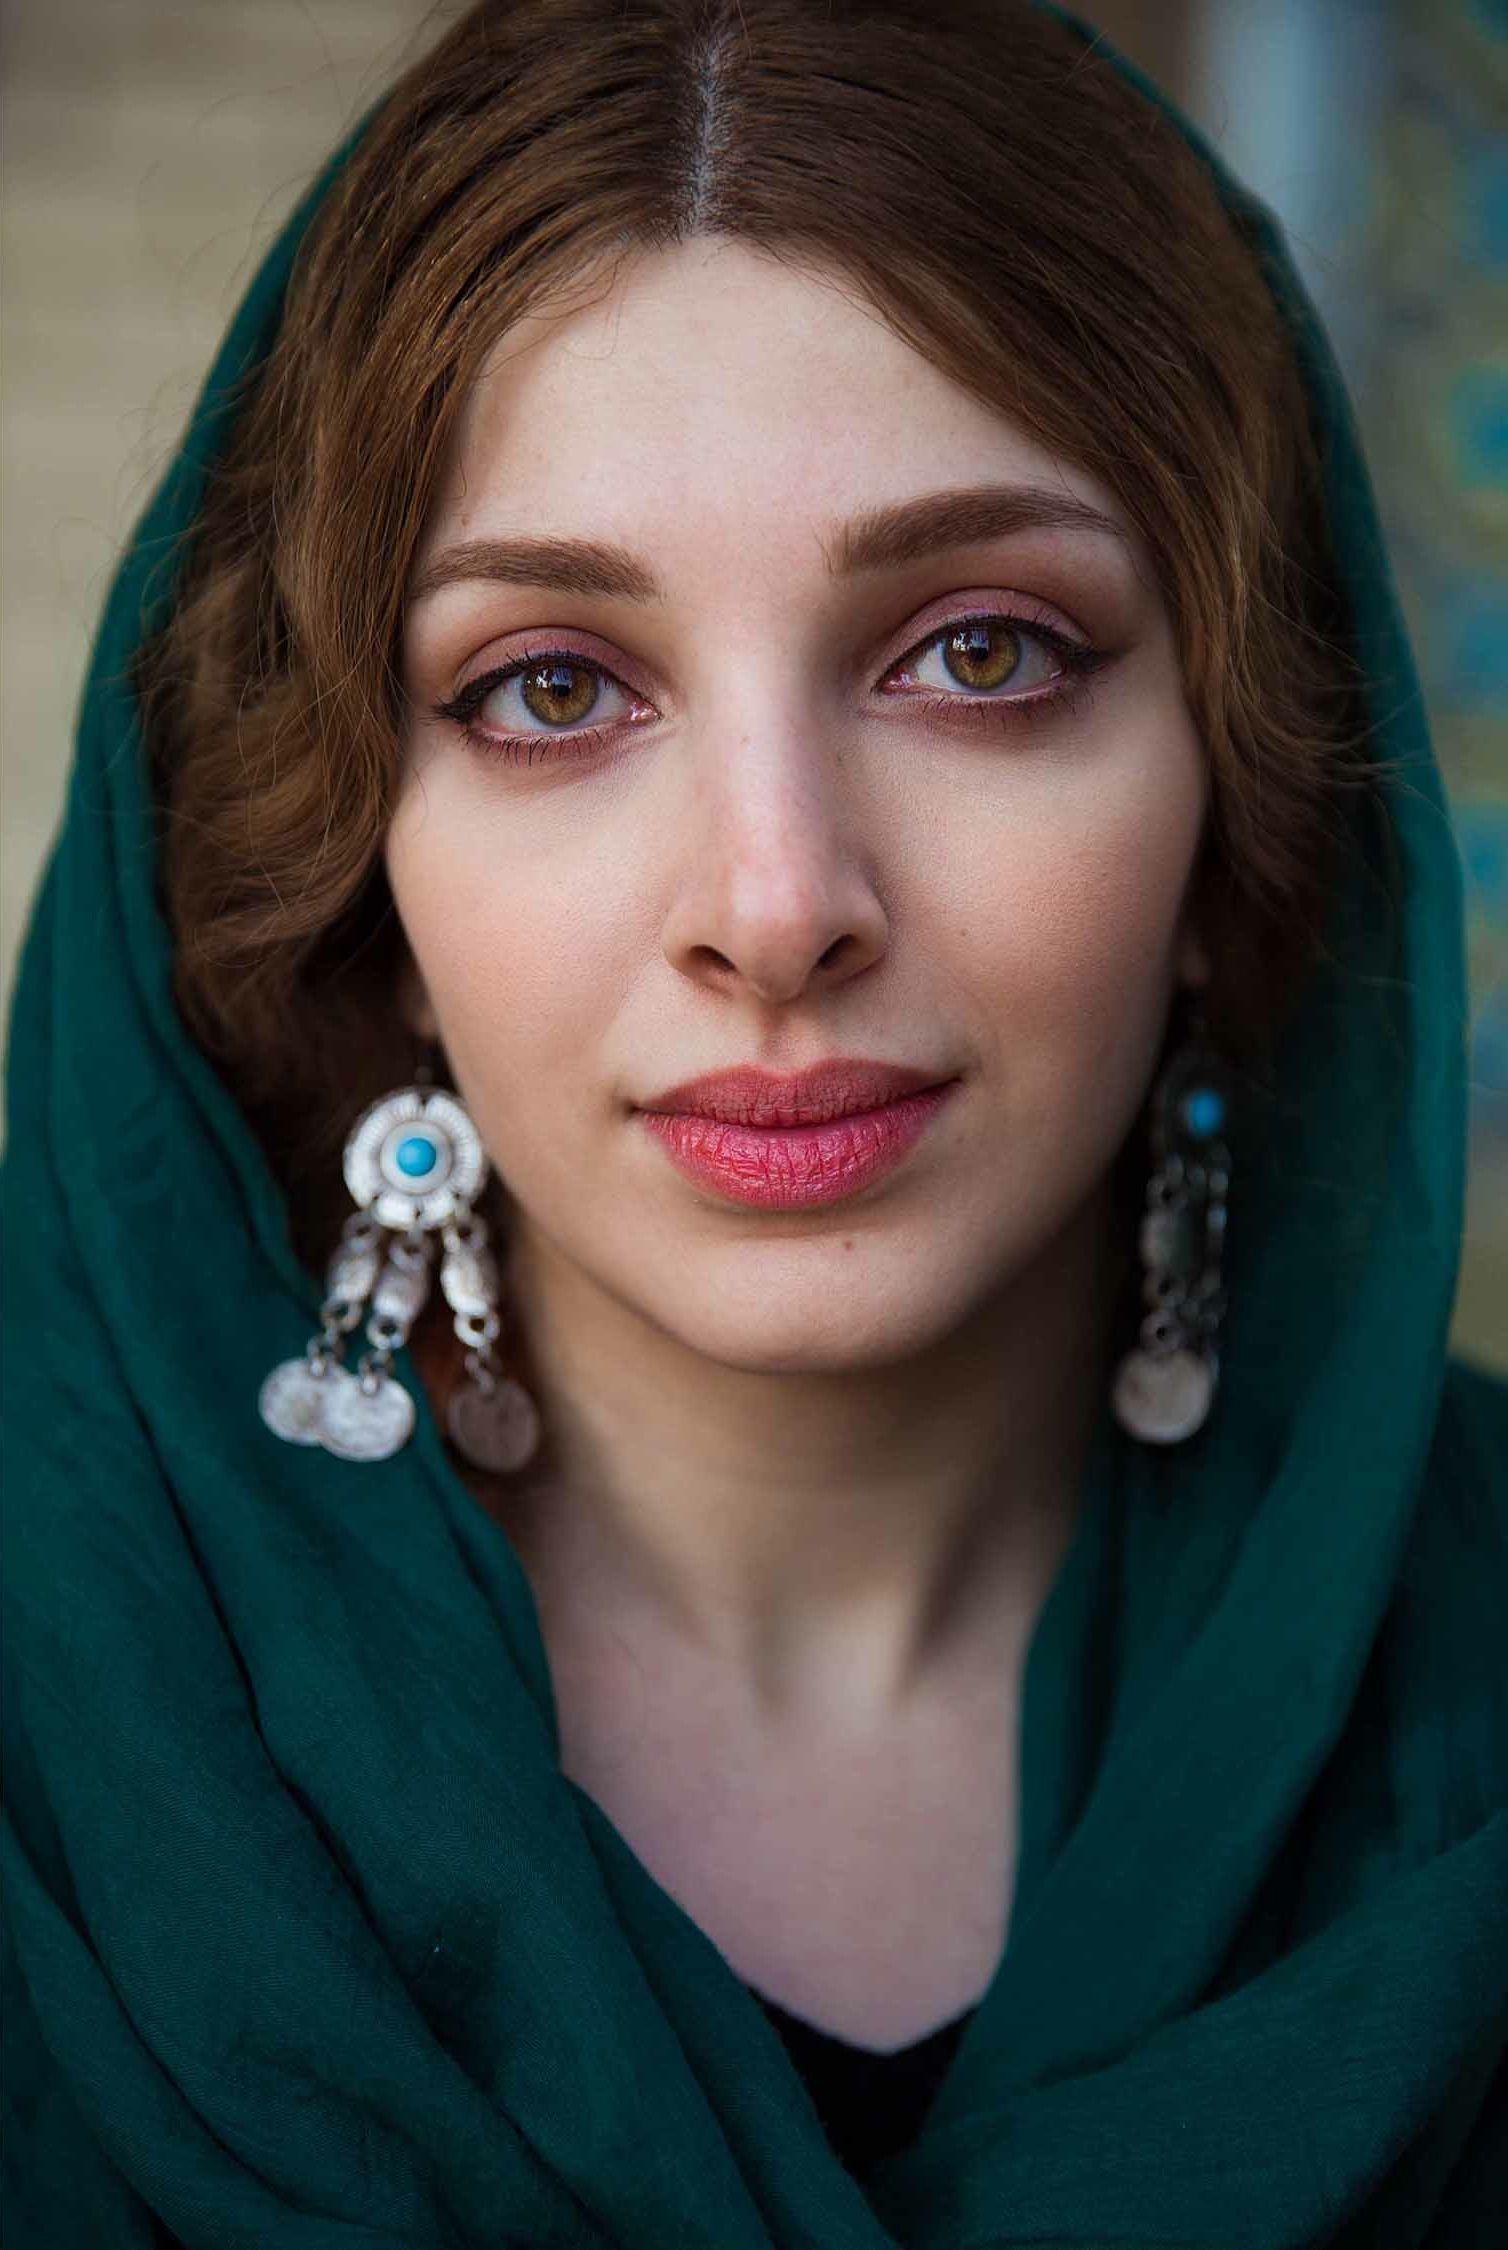 beautiful iranian women images